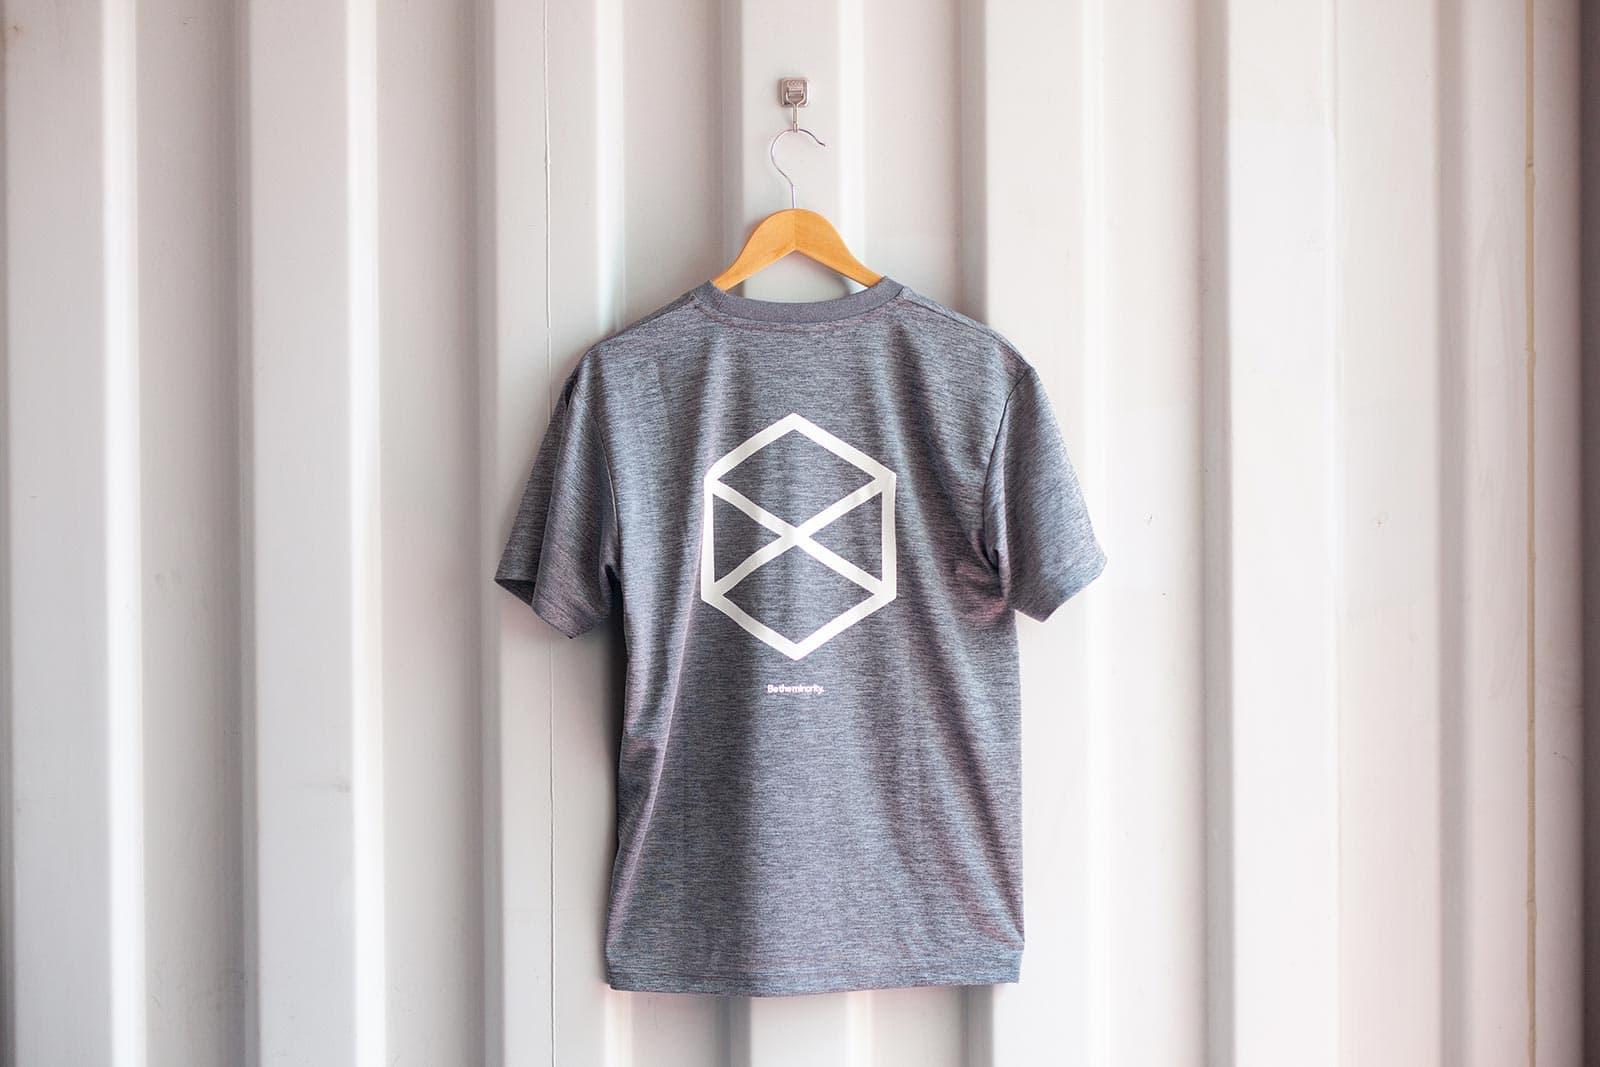 ミノリテロゴTシャツ/ヘザーチャコール背面